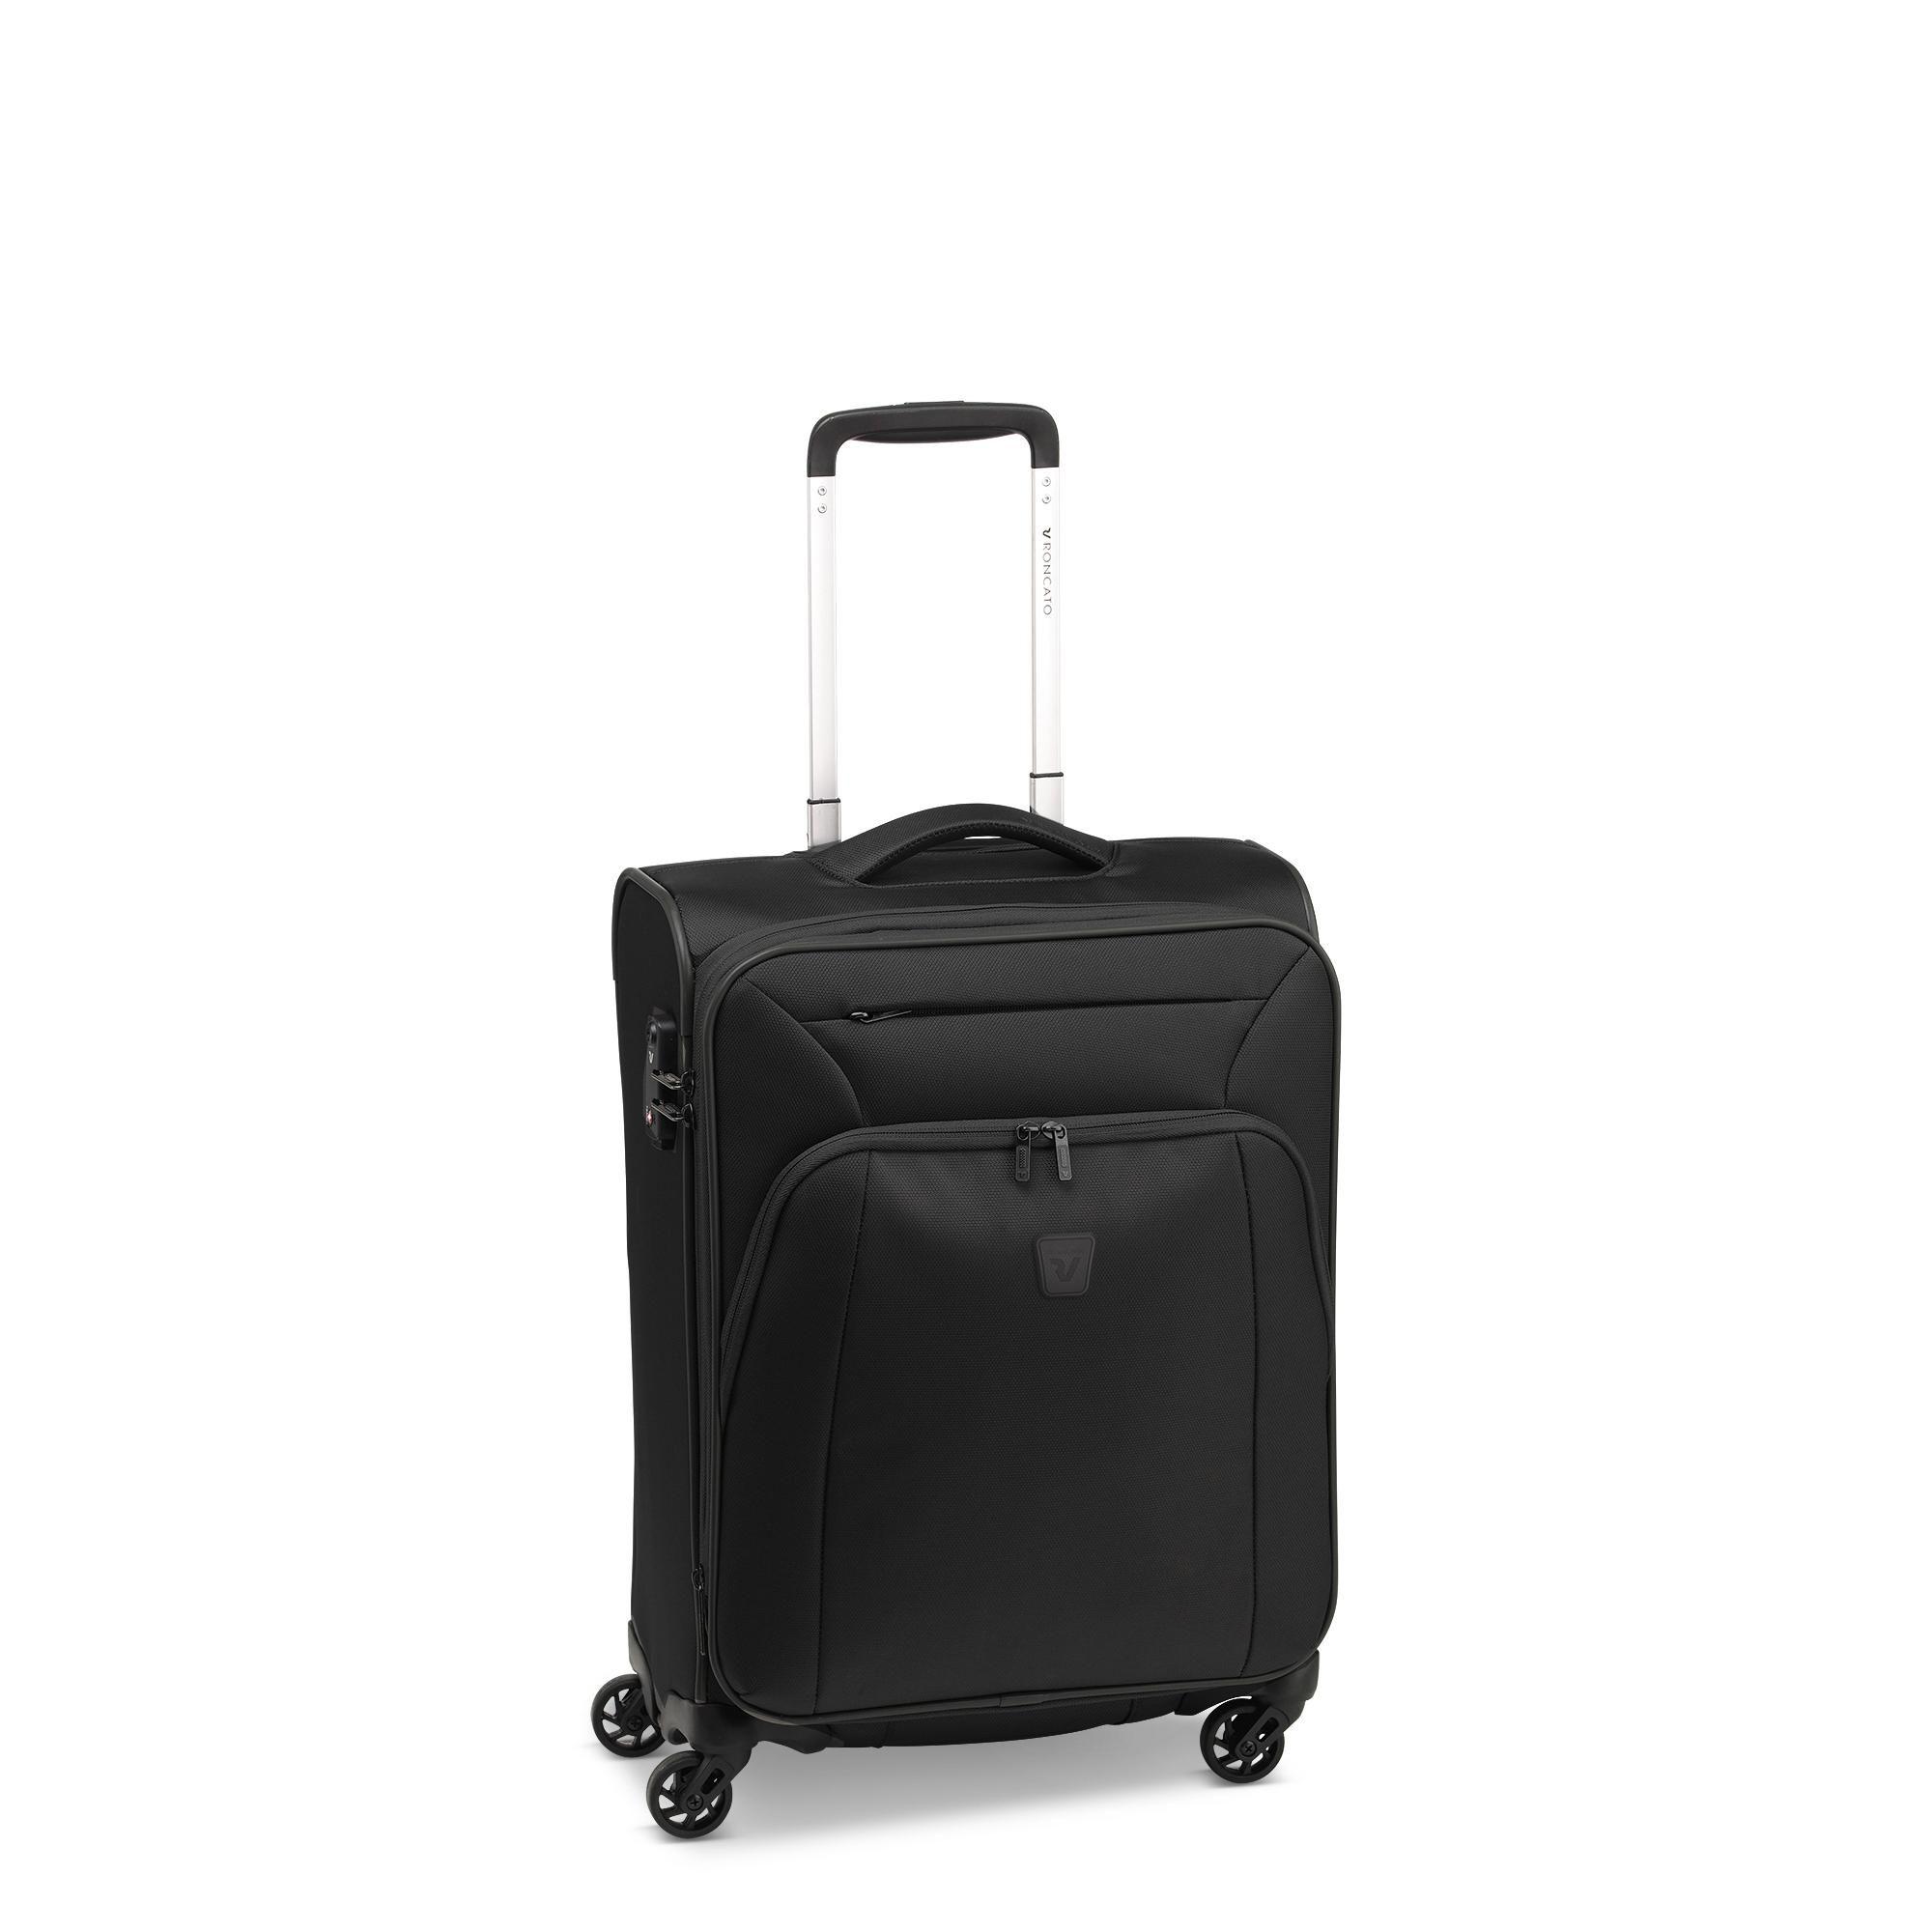 Trolley Cabin Case Element 55/20 Roncato NERO